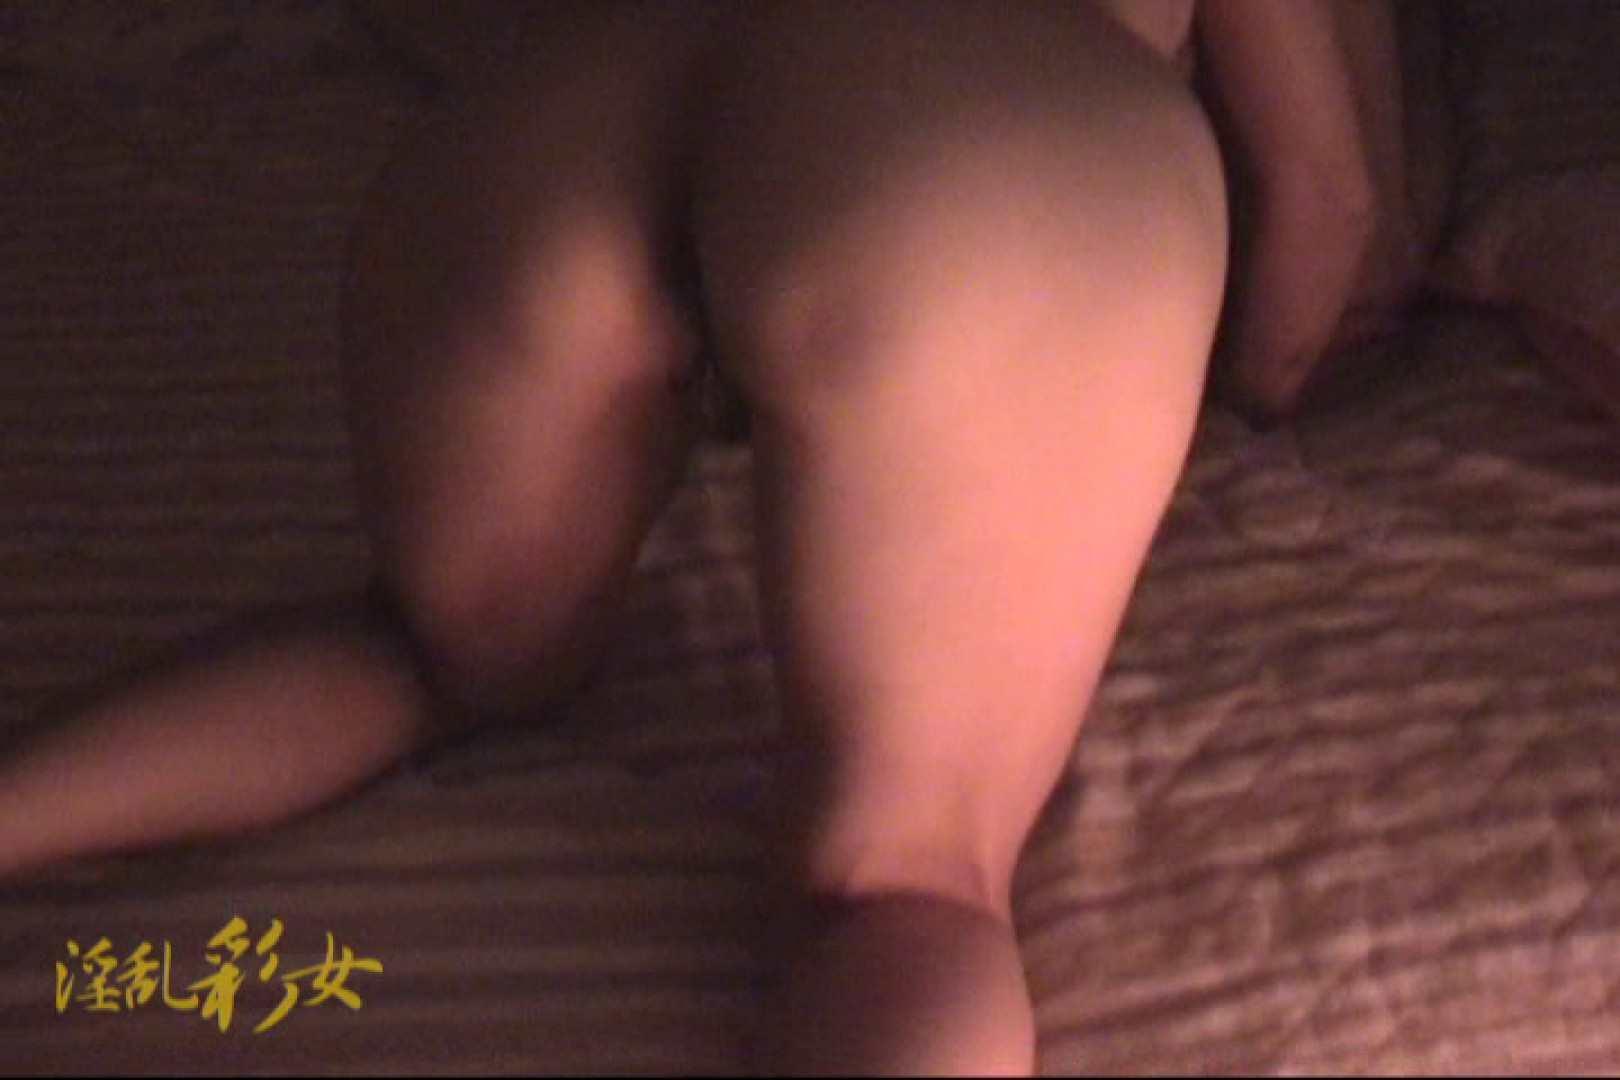 淫乱彩女 麻優里 禁断の彼氏 SEX映像   淫乱  97pic 46